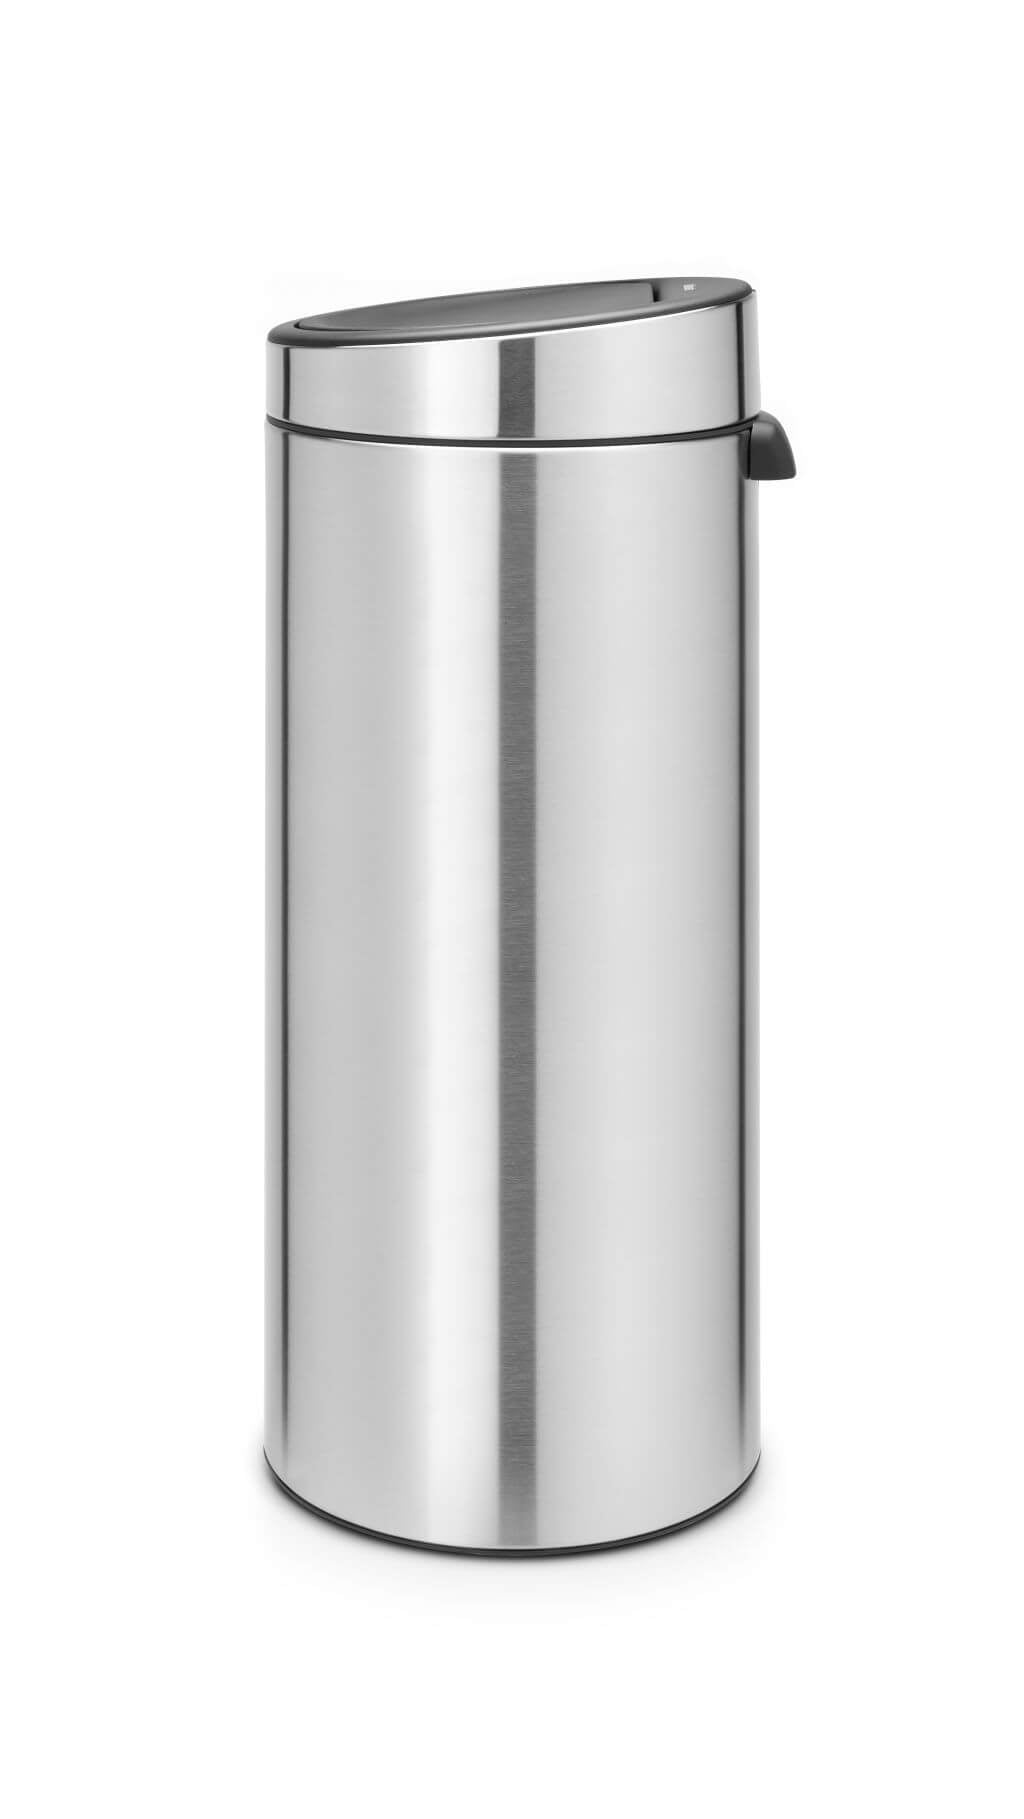 Brabantia Afvalbak 30 Liter.Brabantia Touch Bin New Afvalemmer 30 Liter Matt Coppens Warenhuis